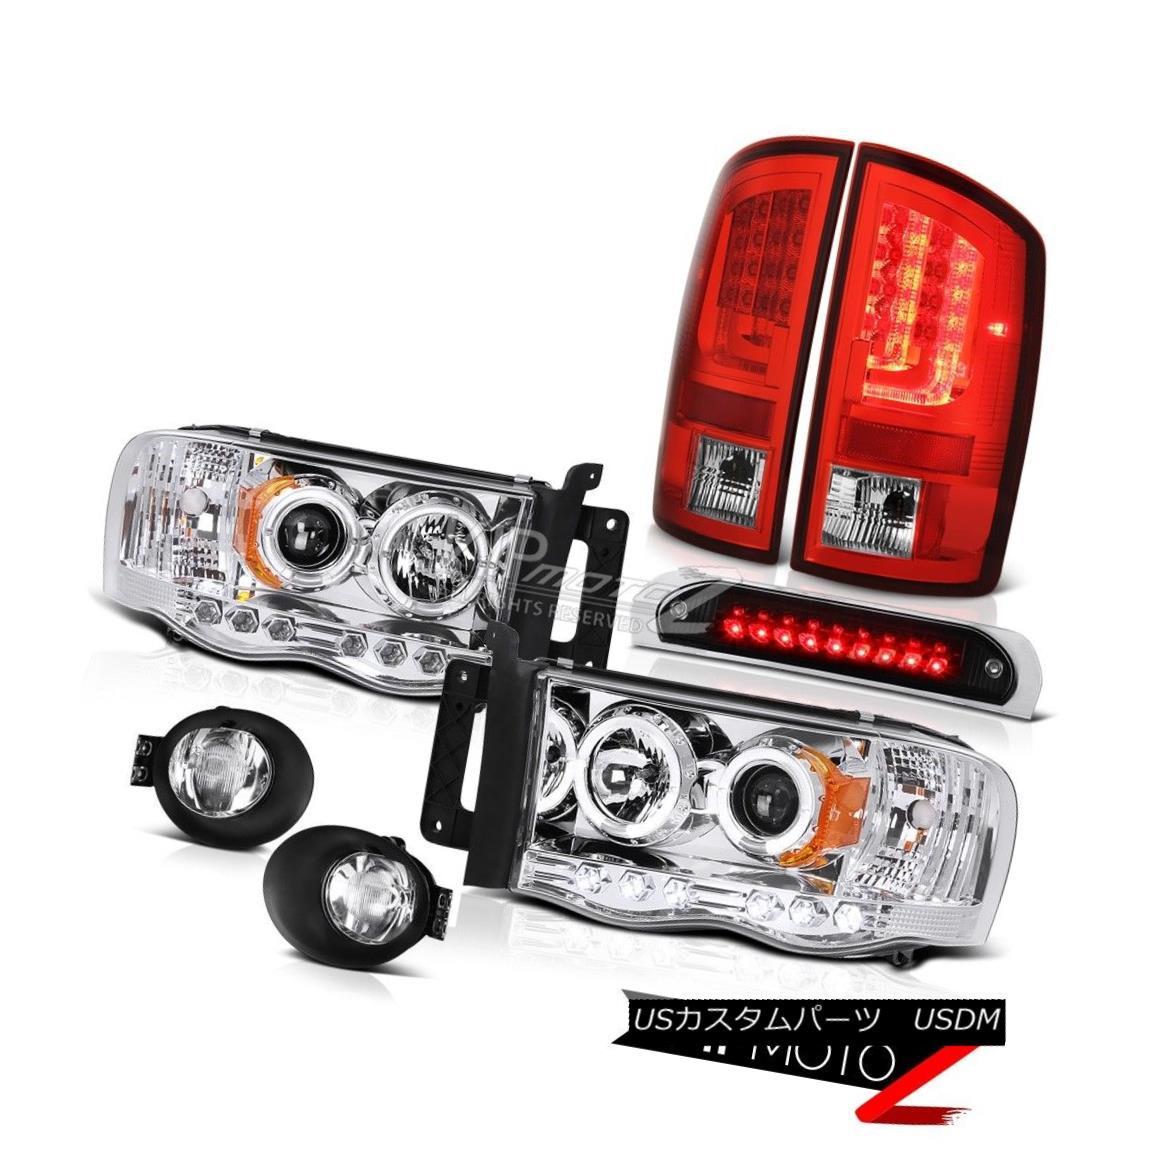 テールライト 2003-2005 Dodge Ram 1500 4.7L Taillamps Chrome Fog Lamps Roof Cab Lamp Headlamps 2003-2005ダッジラム1500 4.7Lタイルランプクロームフォグランプルーフキャブランプヘッドランプ